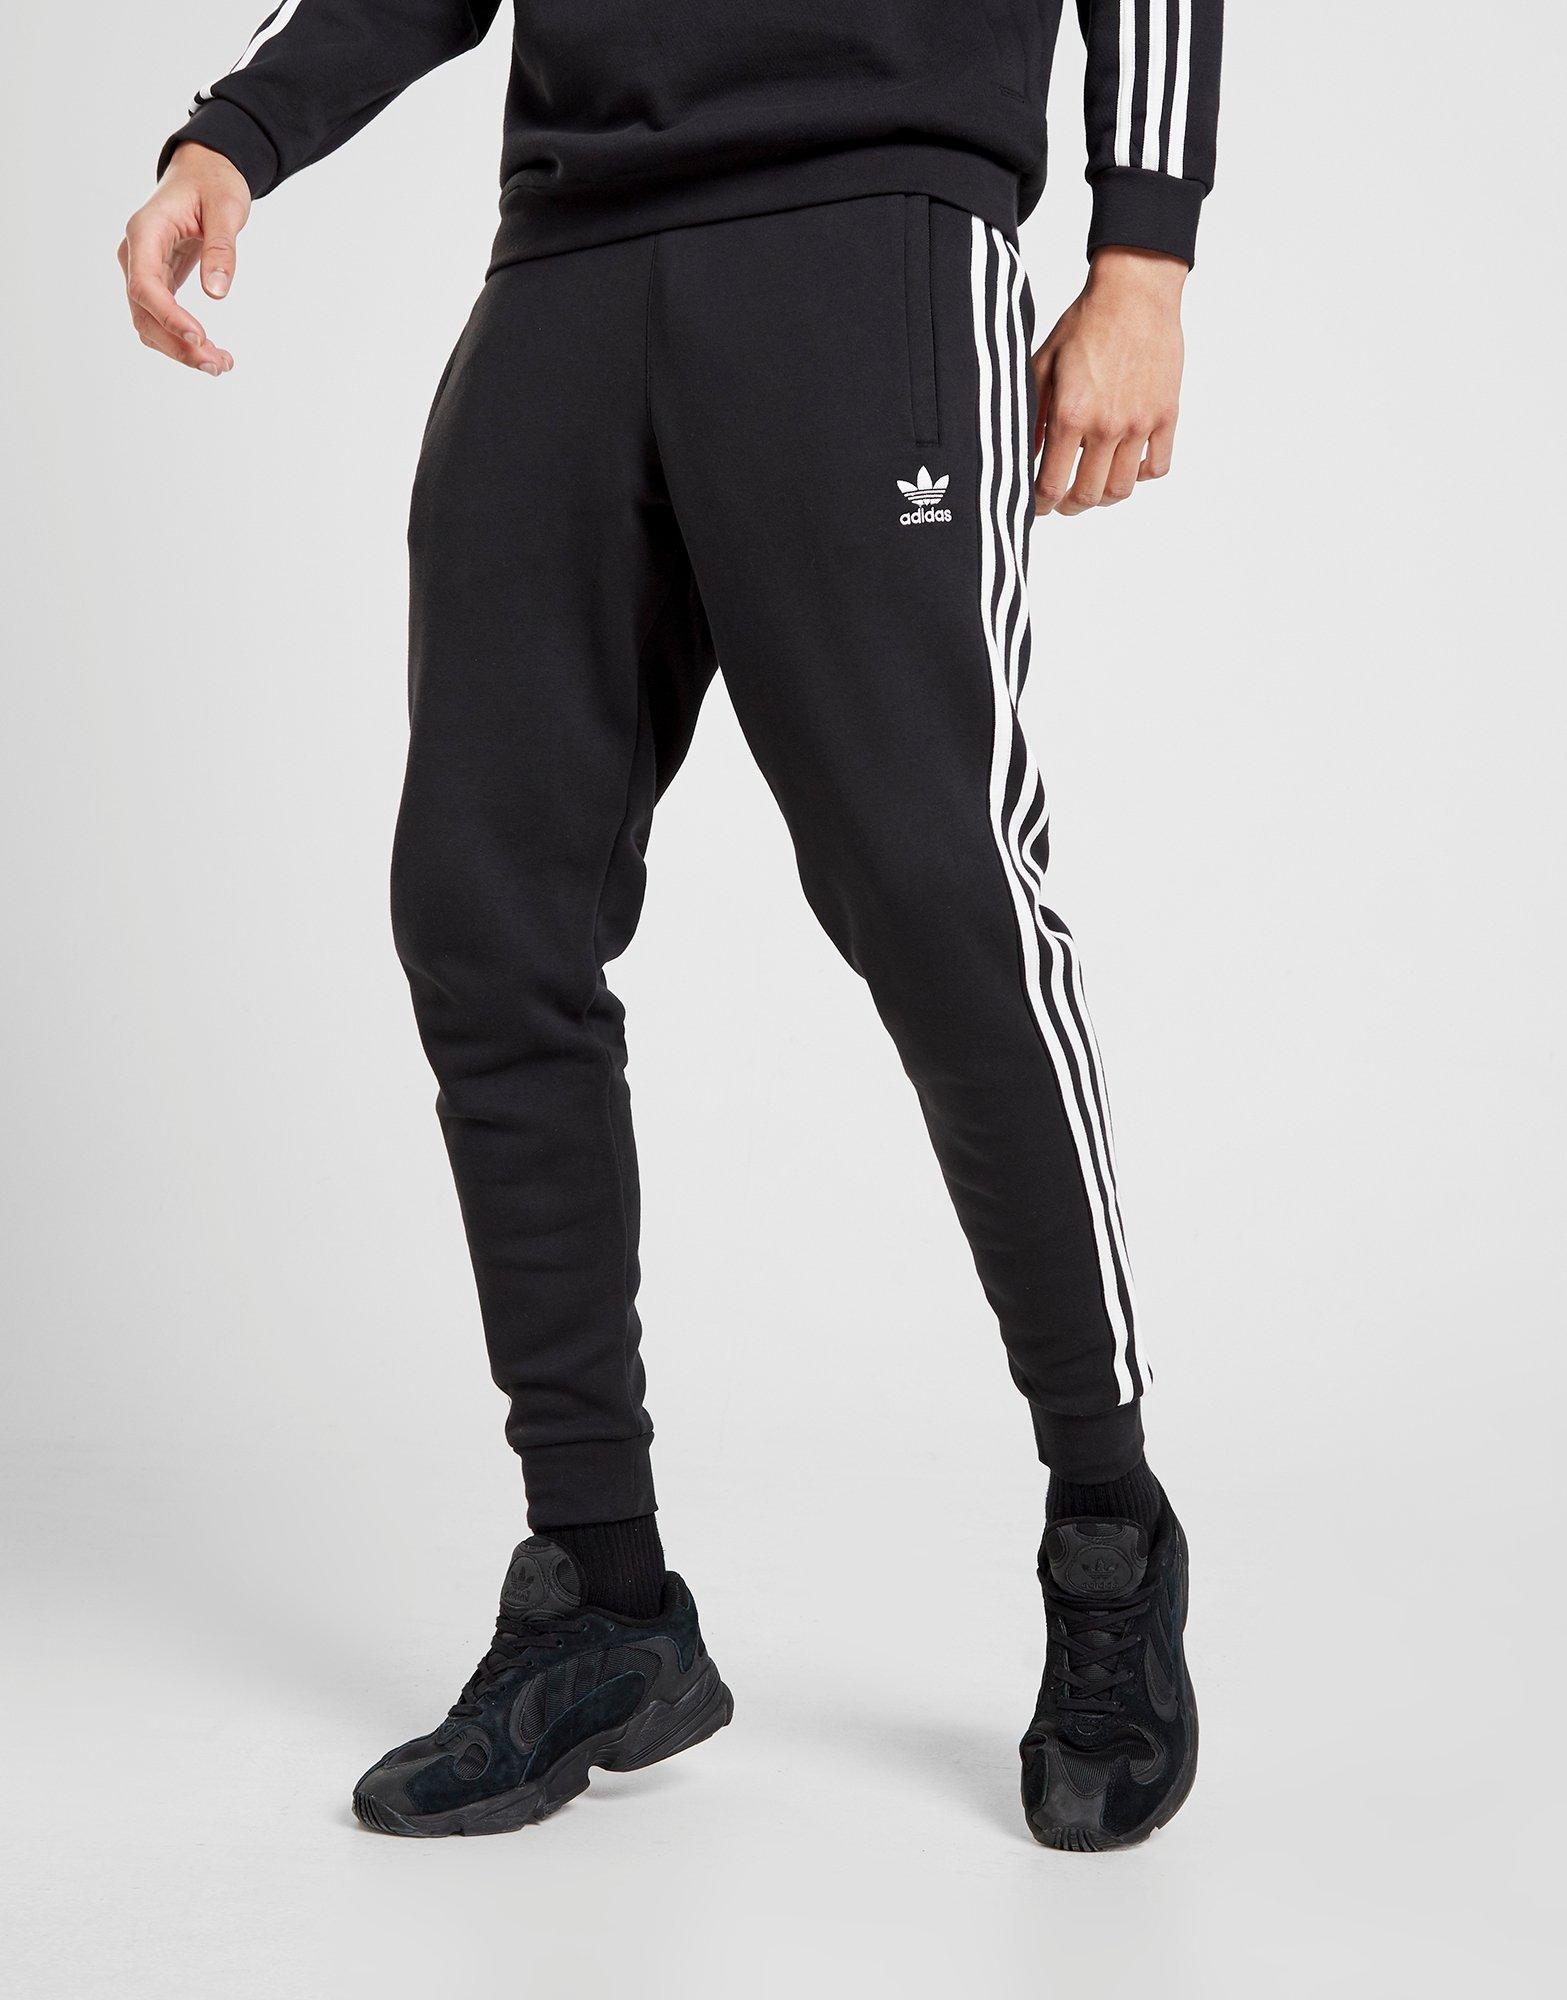 adidas originals jogginghose herren